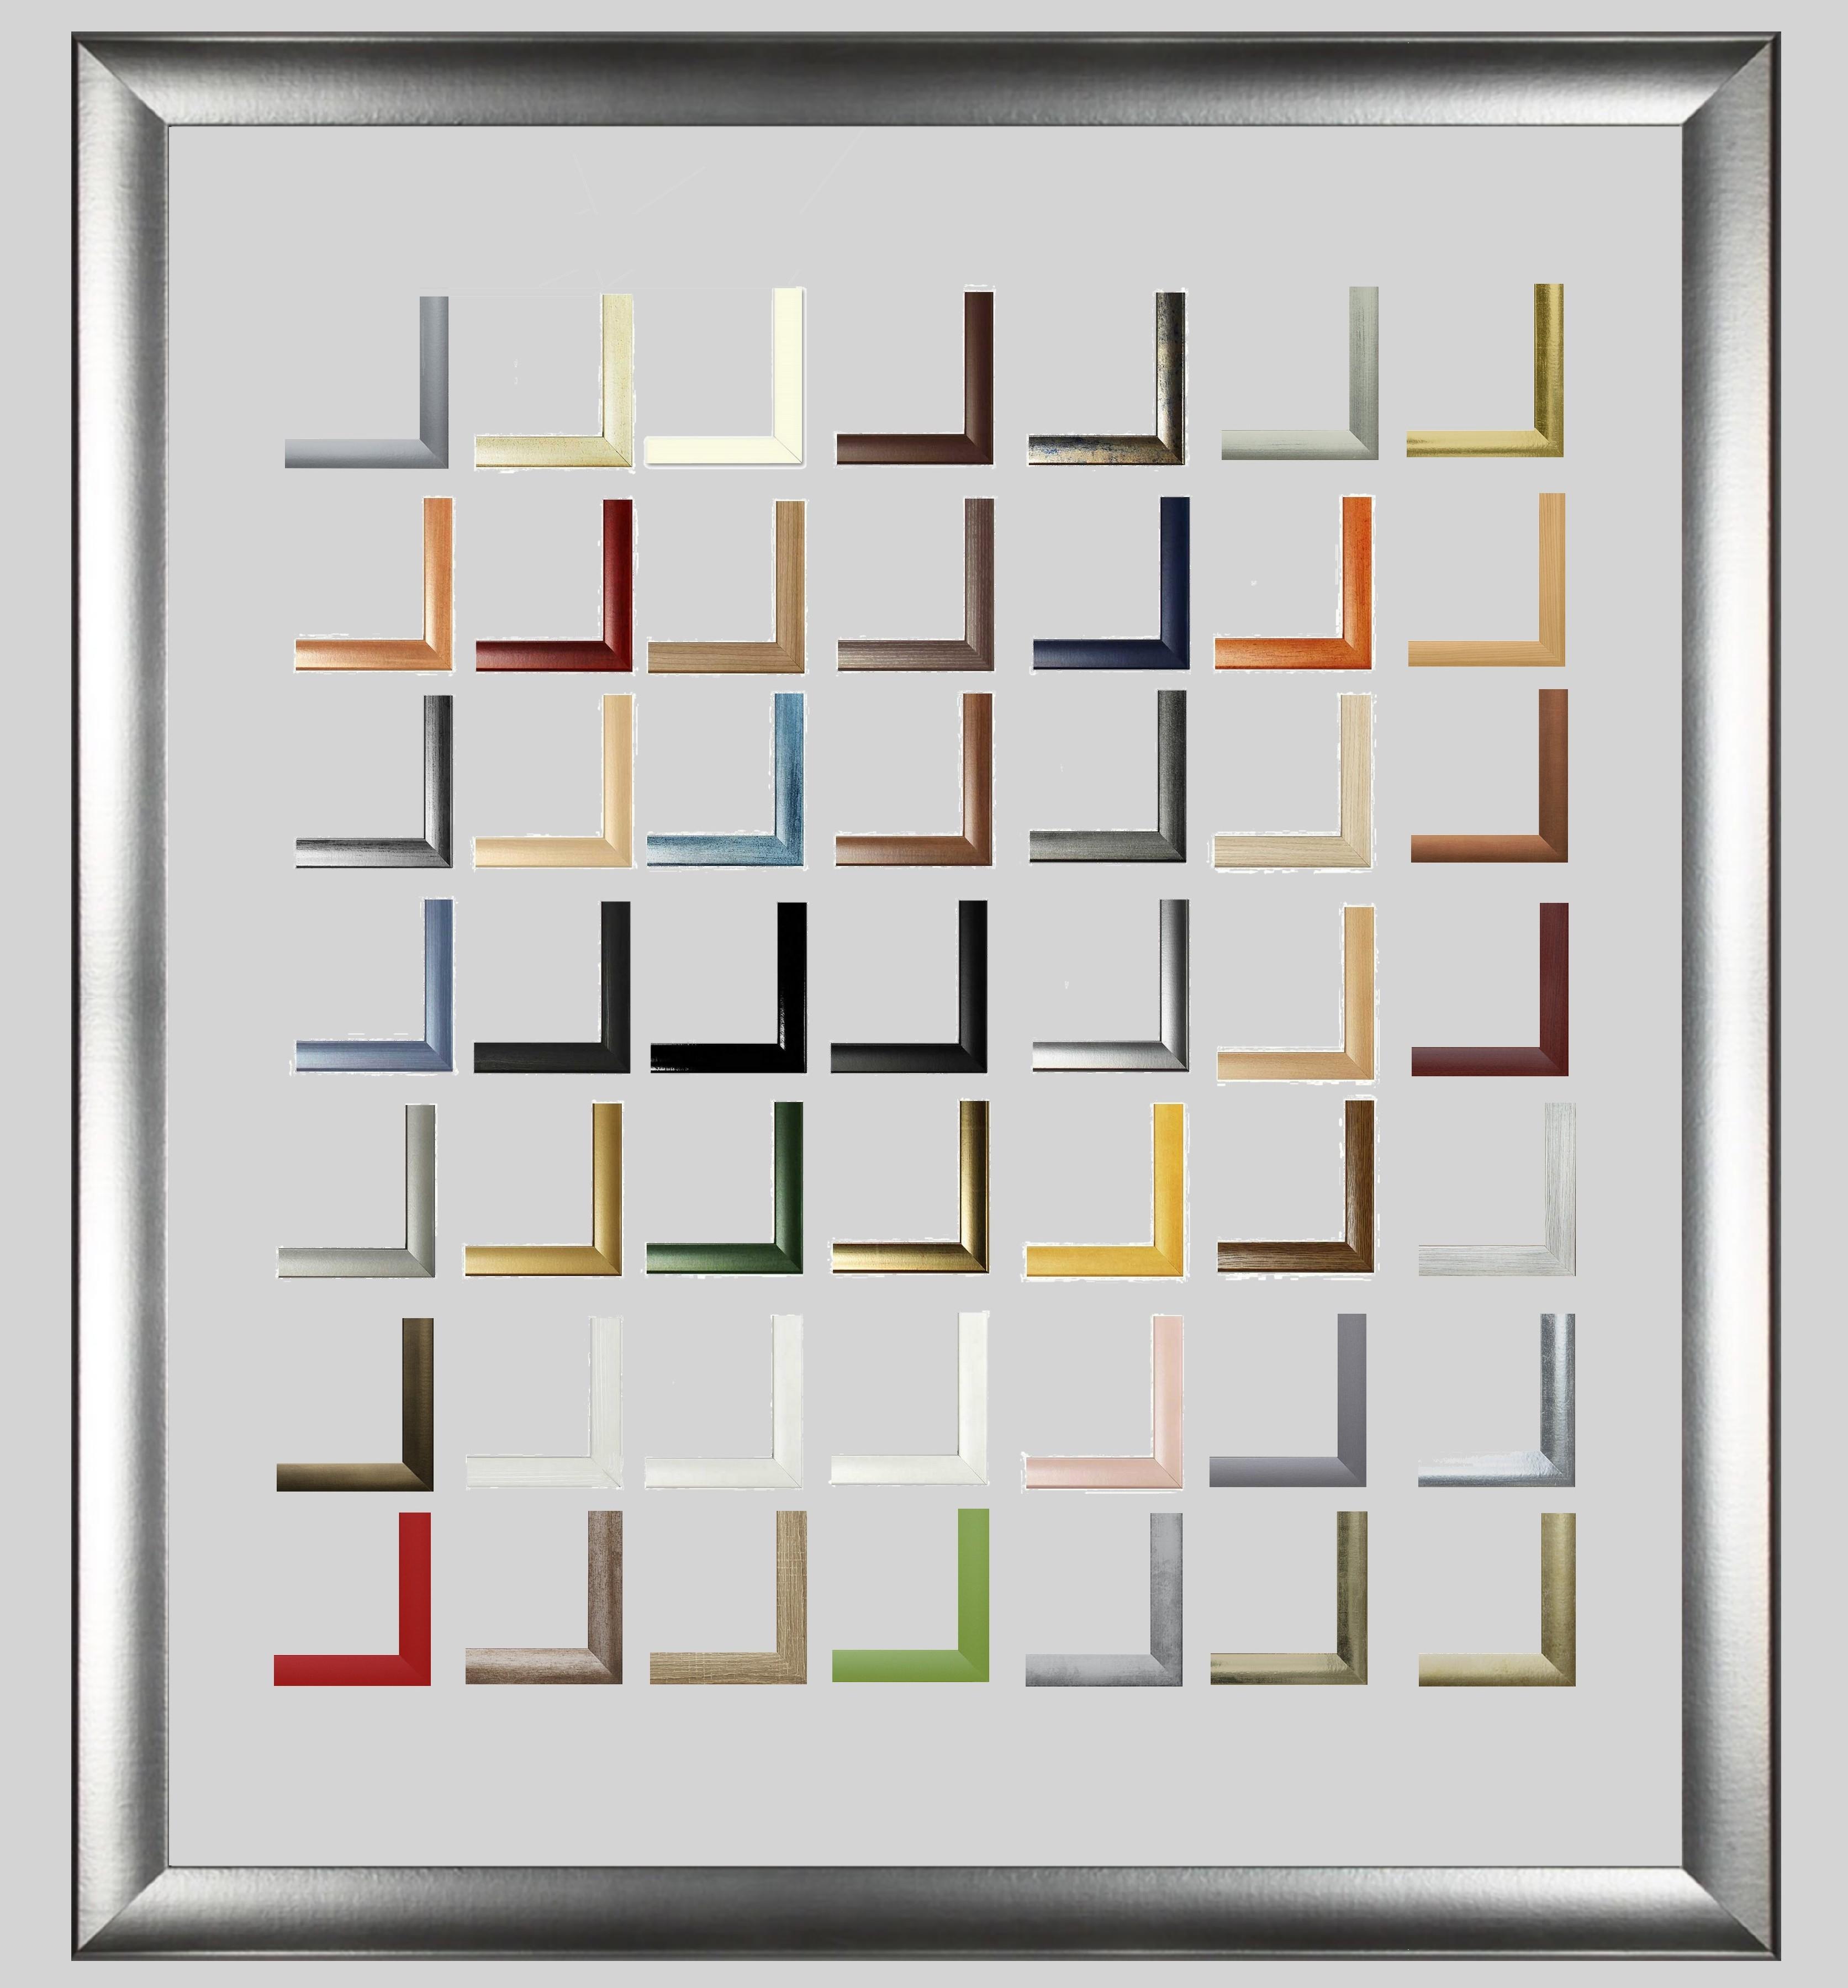 Valentia Bilderrahmen ab 24 x 30 cm Farbwahl Verglasung | eBay